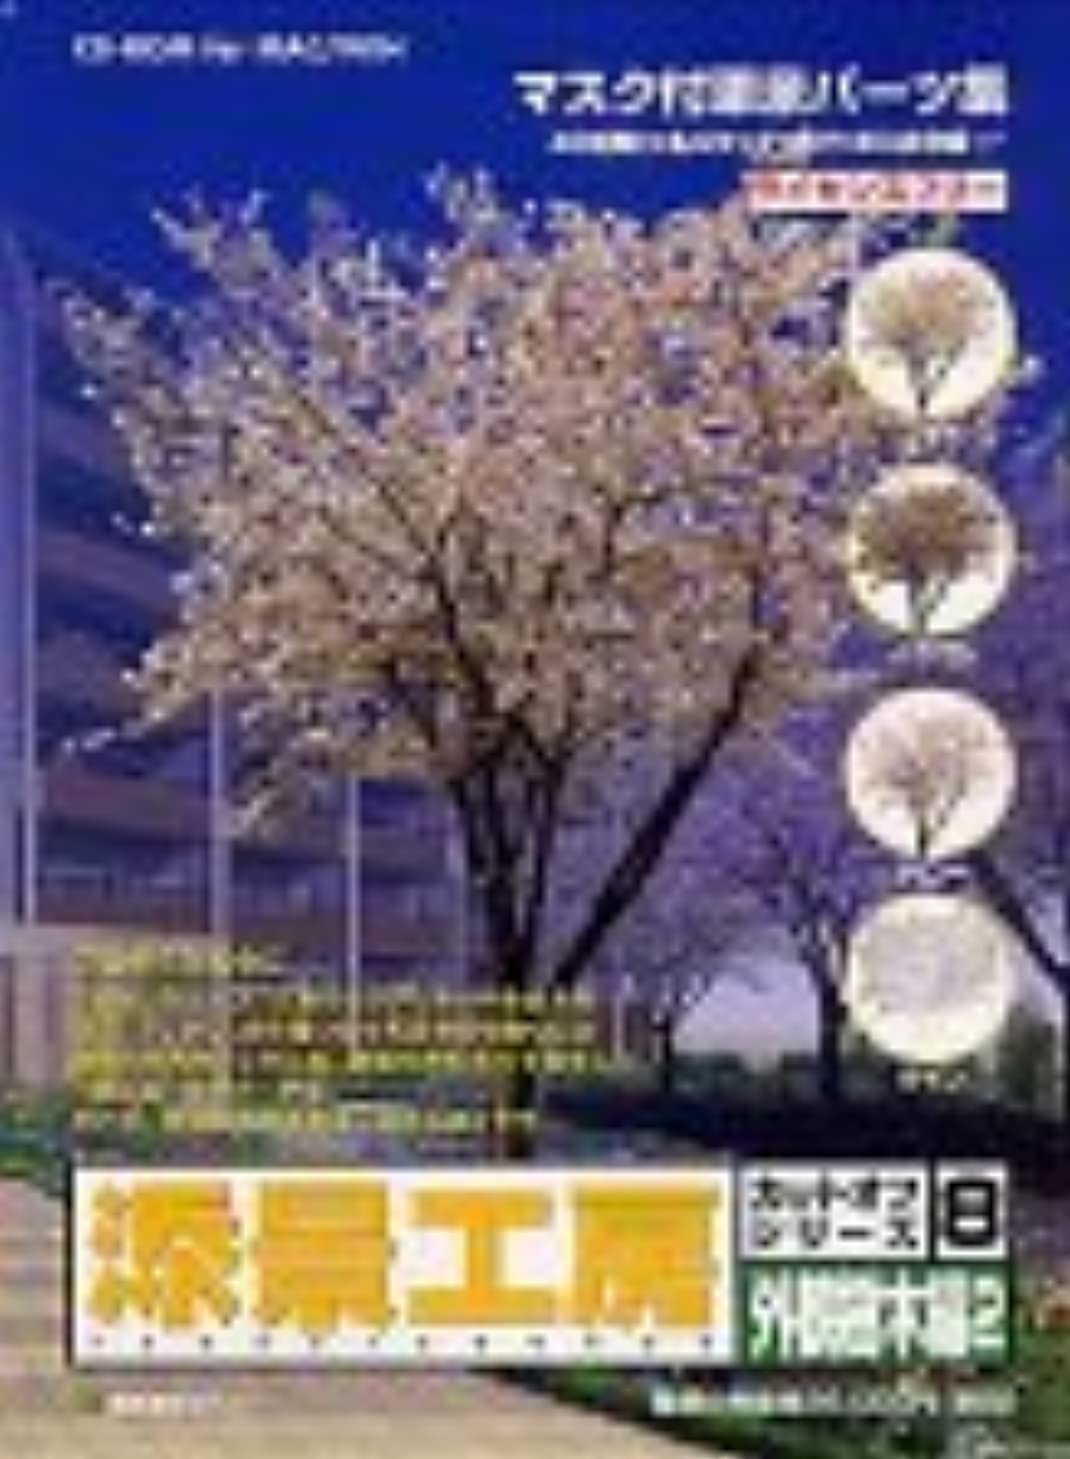 保守可能まだら生き物添景工房 カットオフシリーズ 8 外観樹木編 2